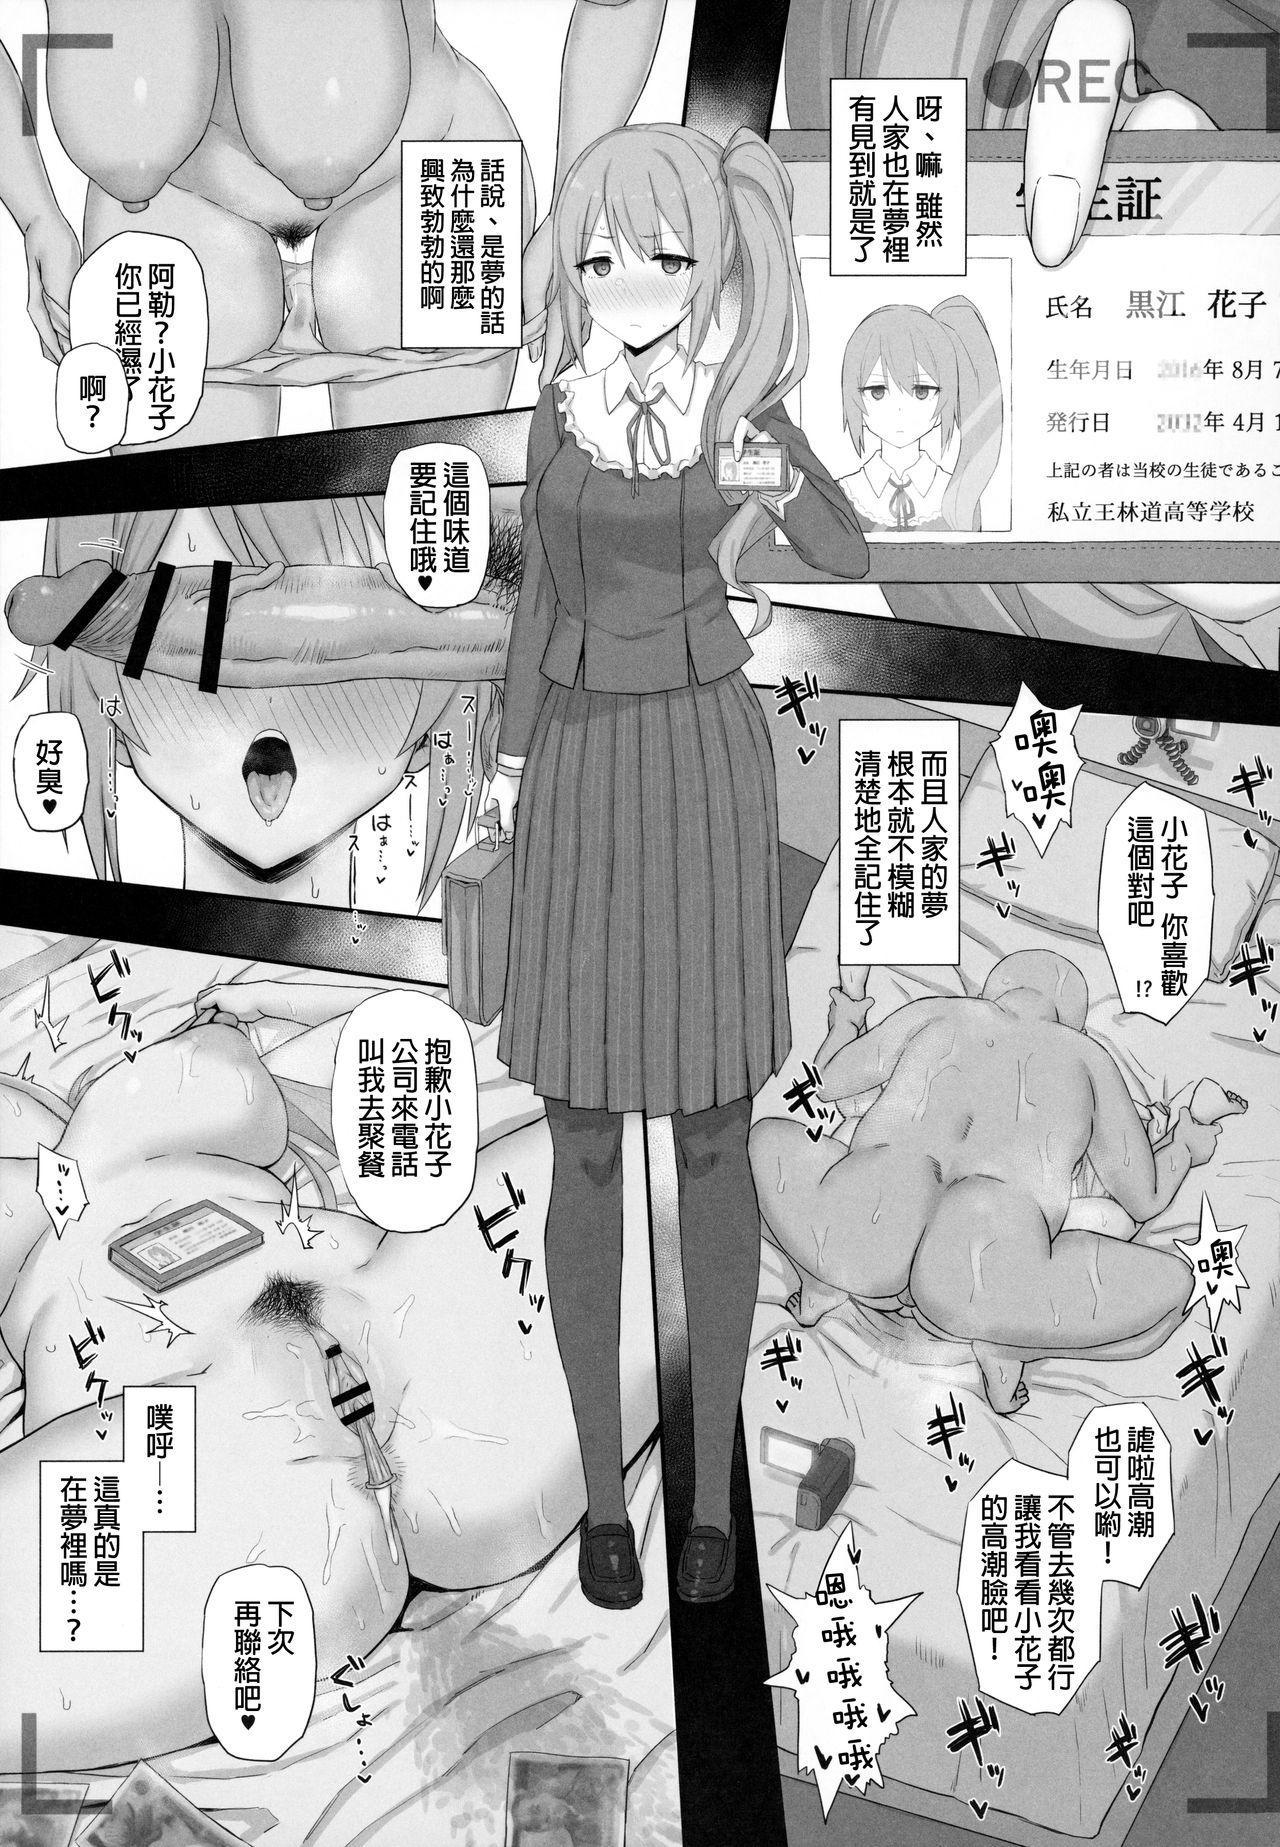 Ojou-sama Gakkou ni Kayou Binbou Shoujo wa Touzen no You ni Papakatsu ni Kiketsu Suru 14